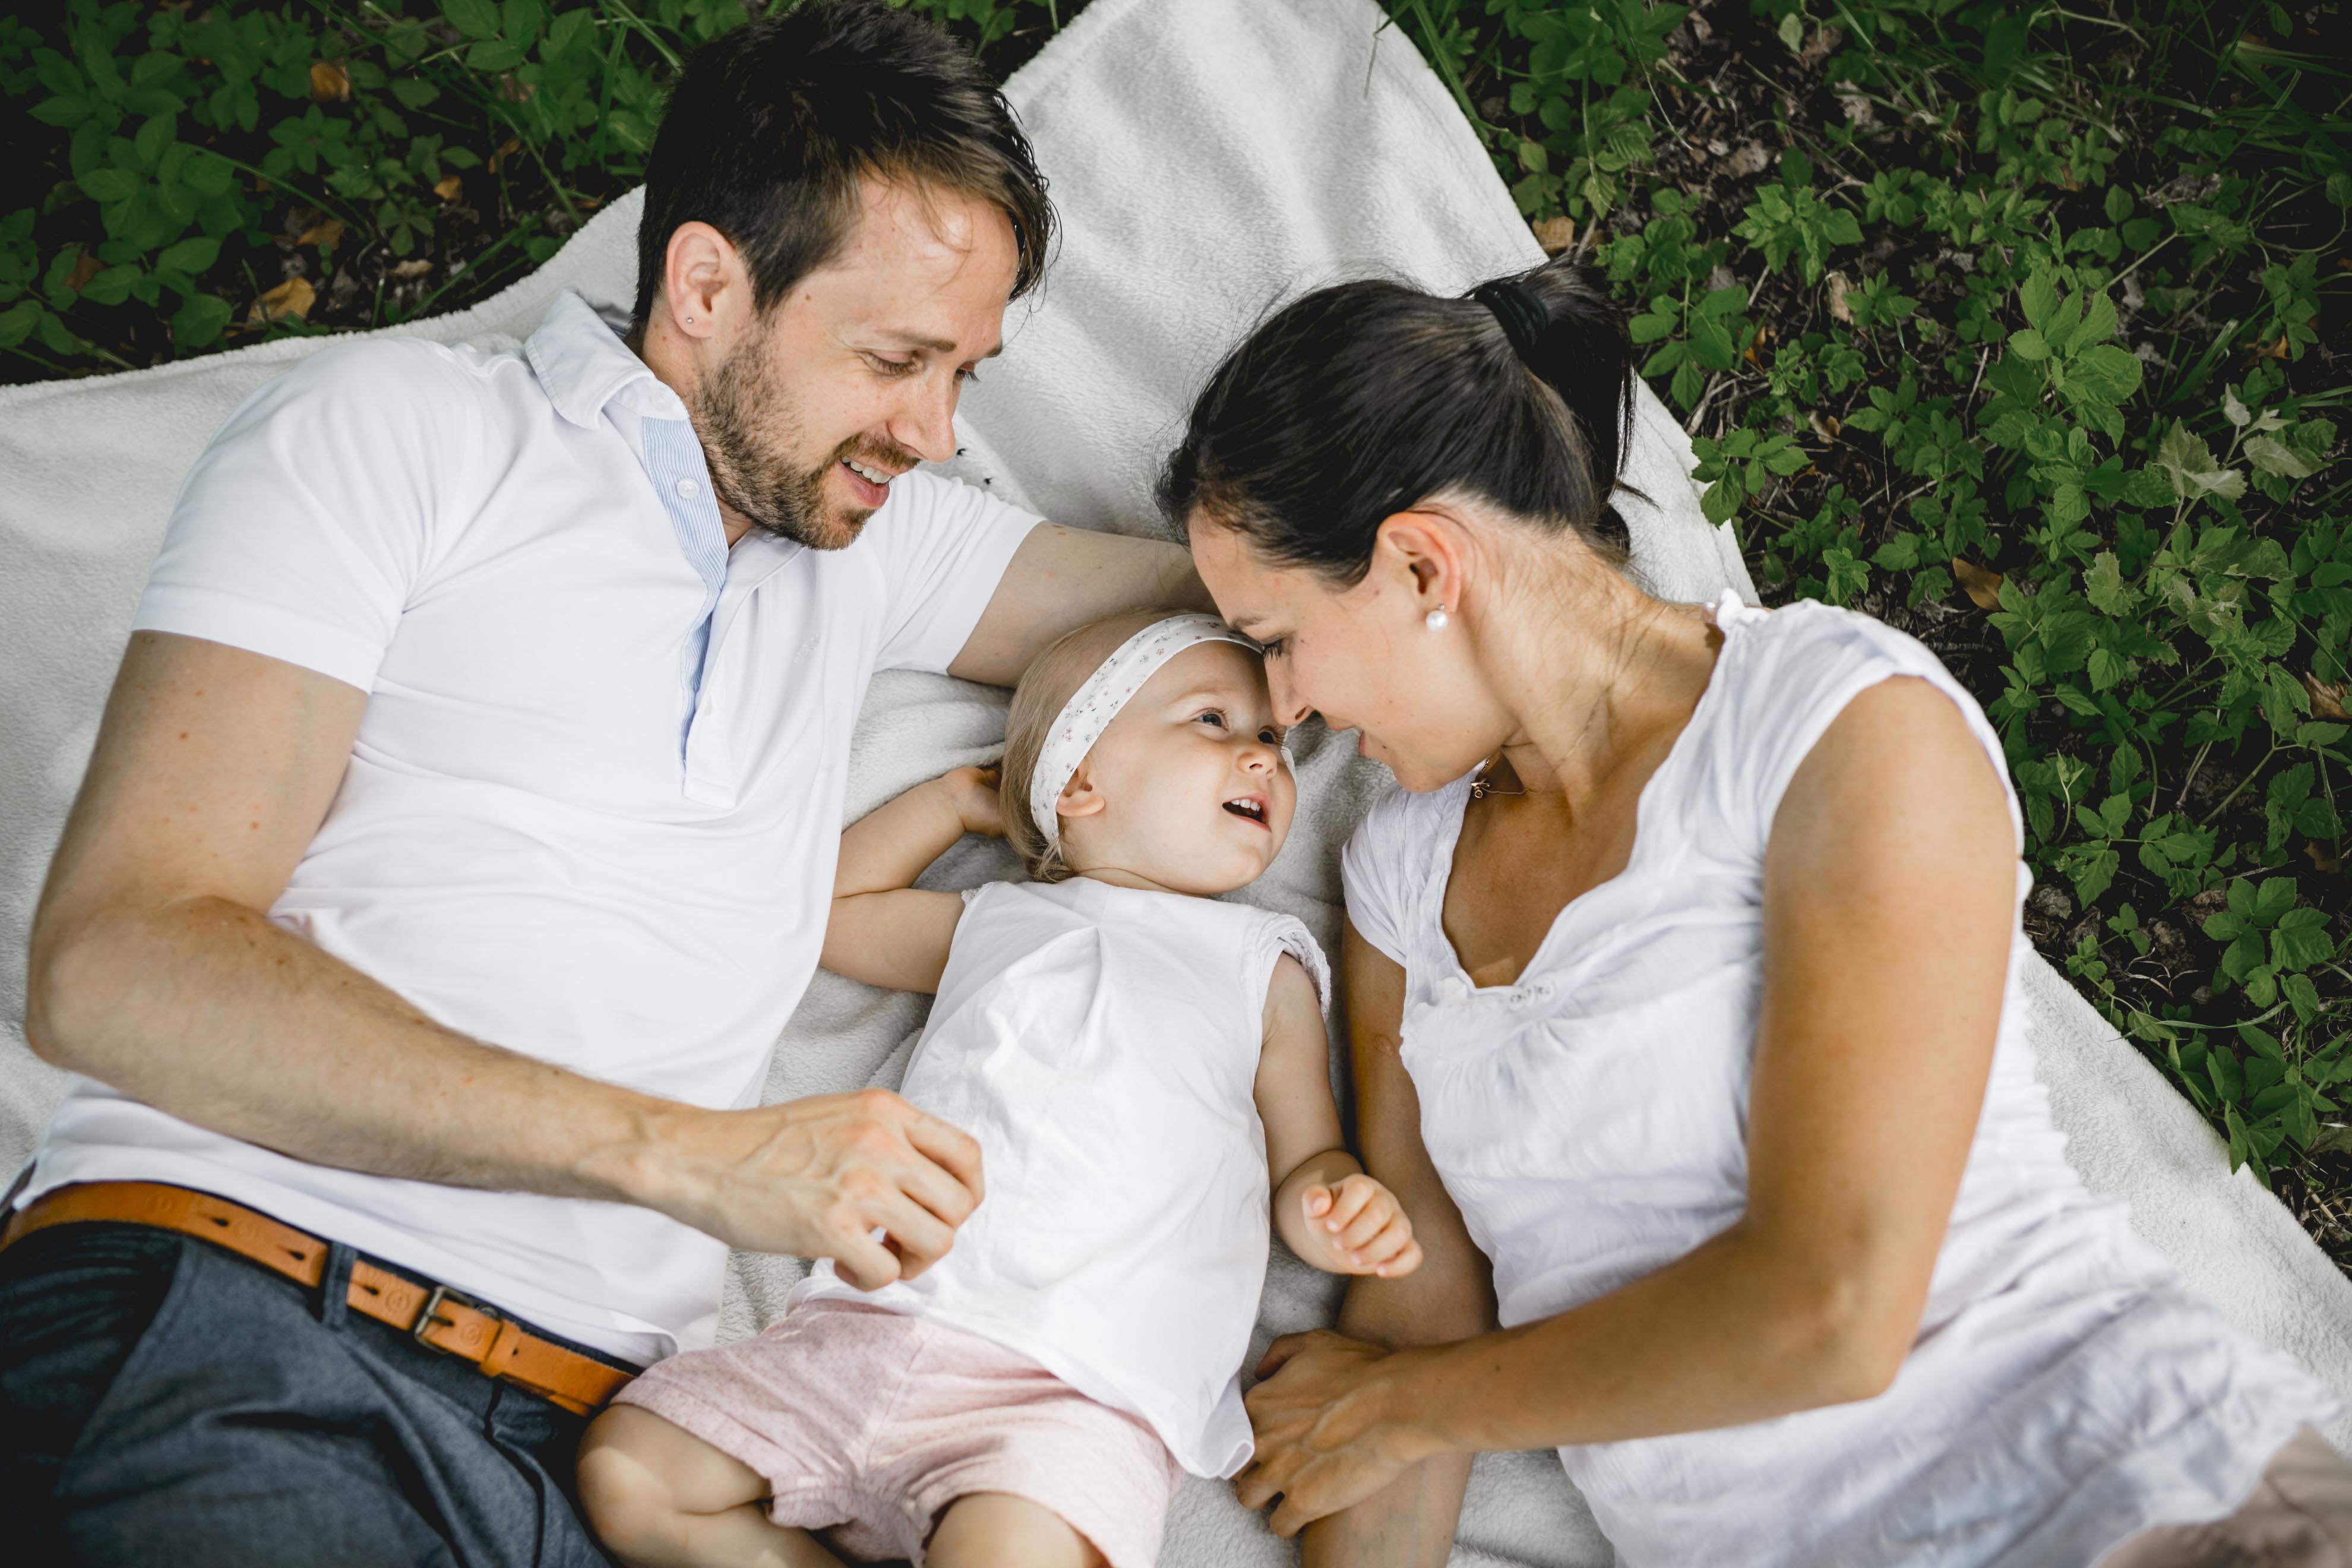 3 Family Nadja_84A2104-5-5